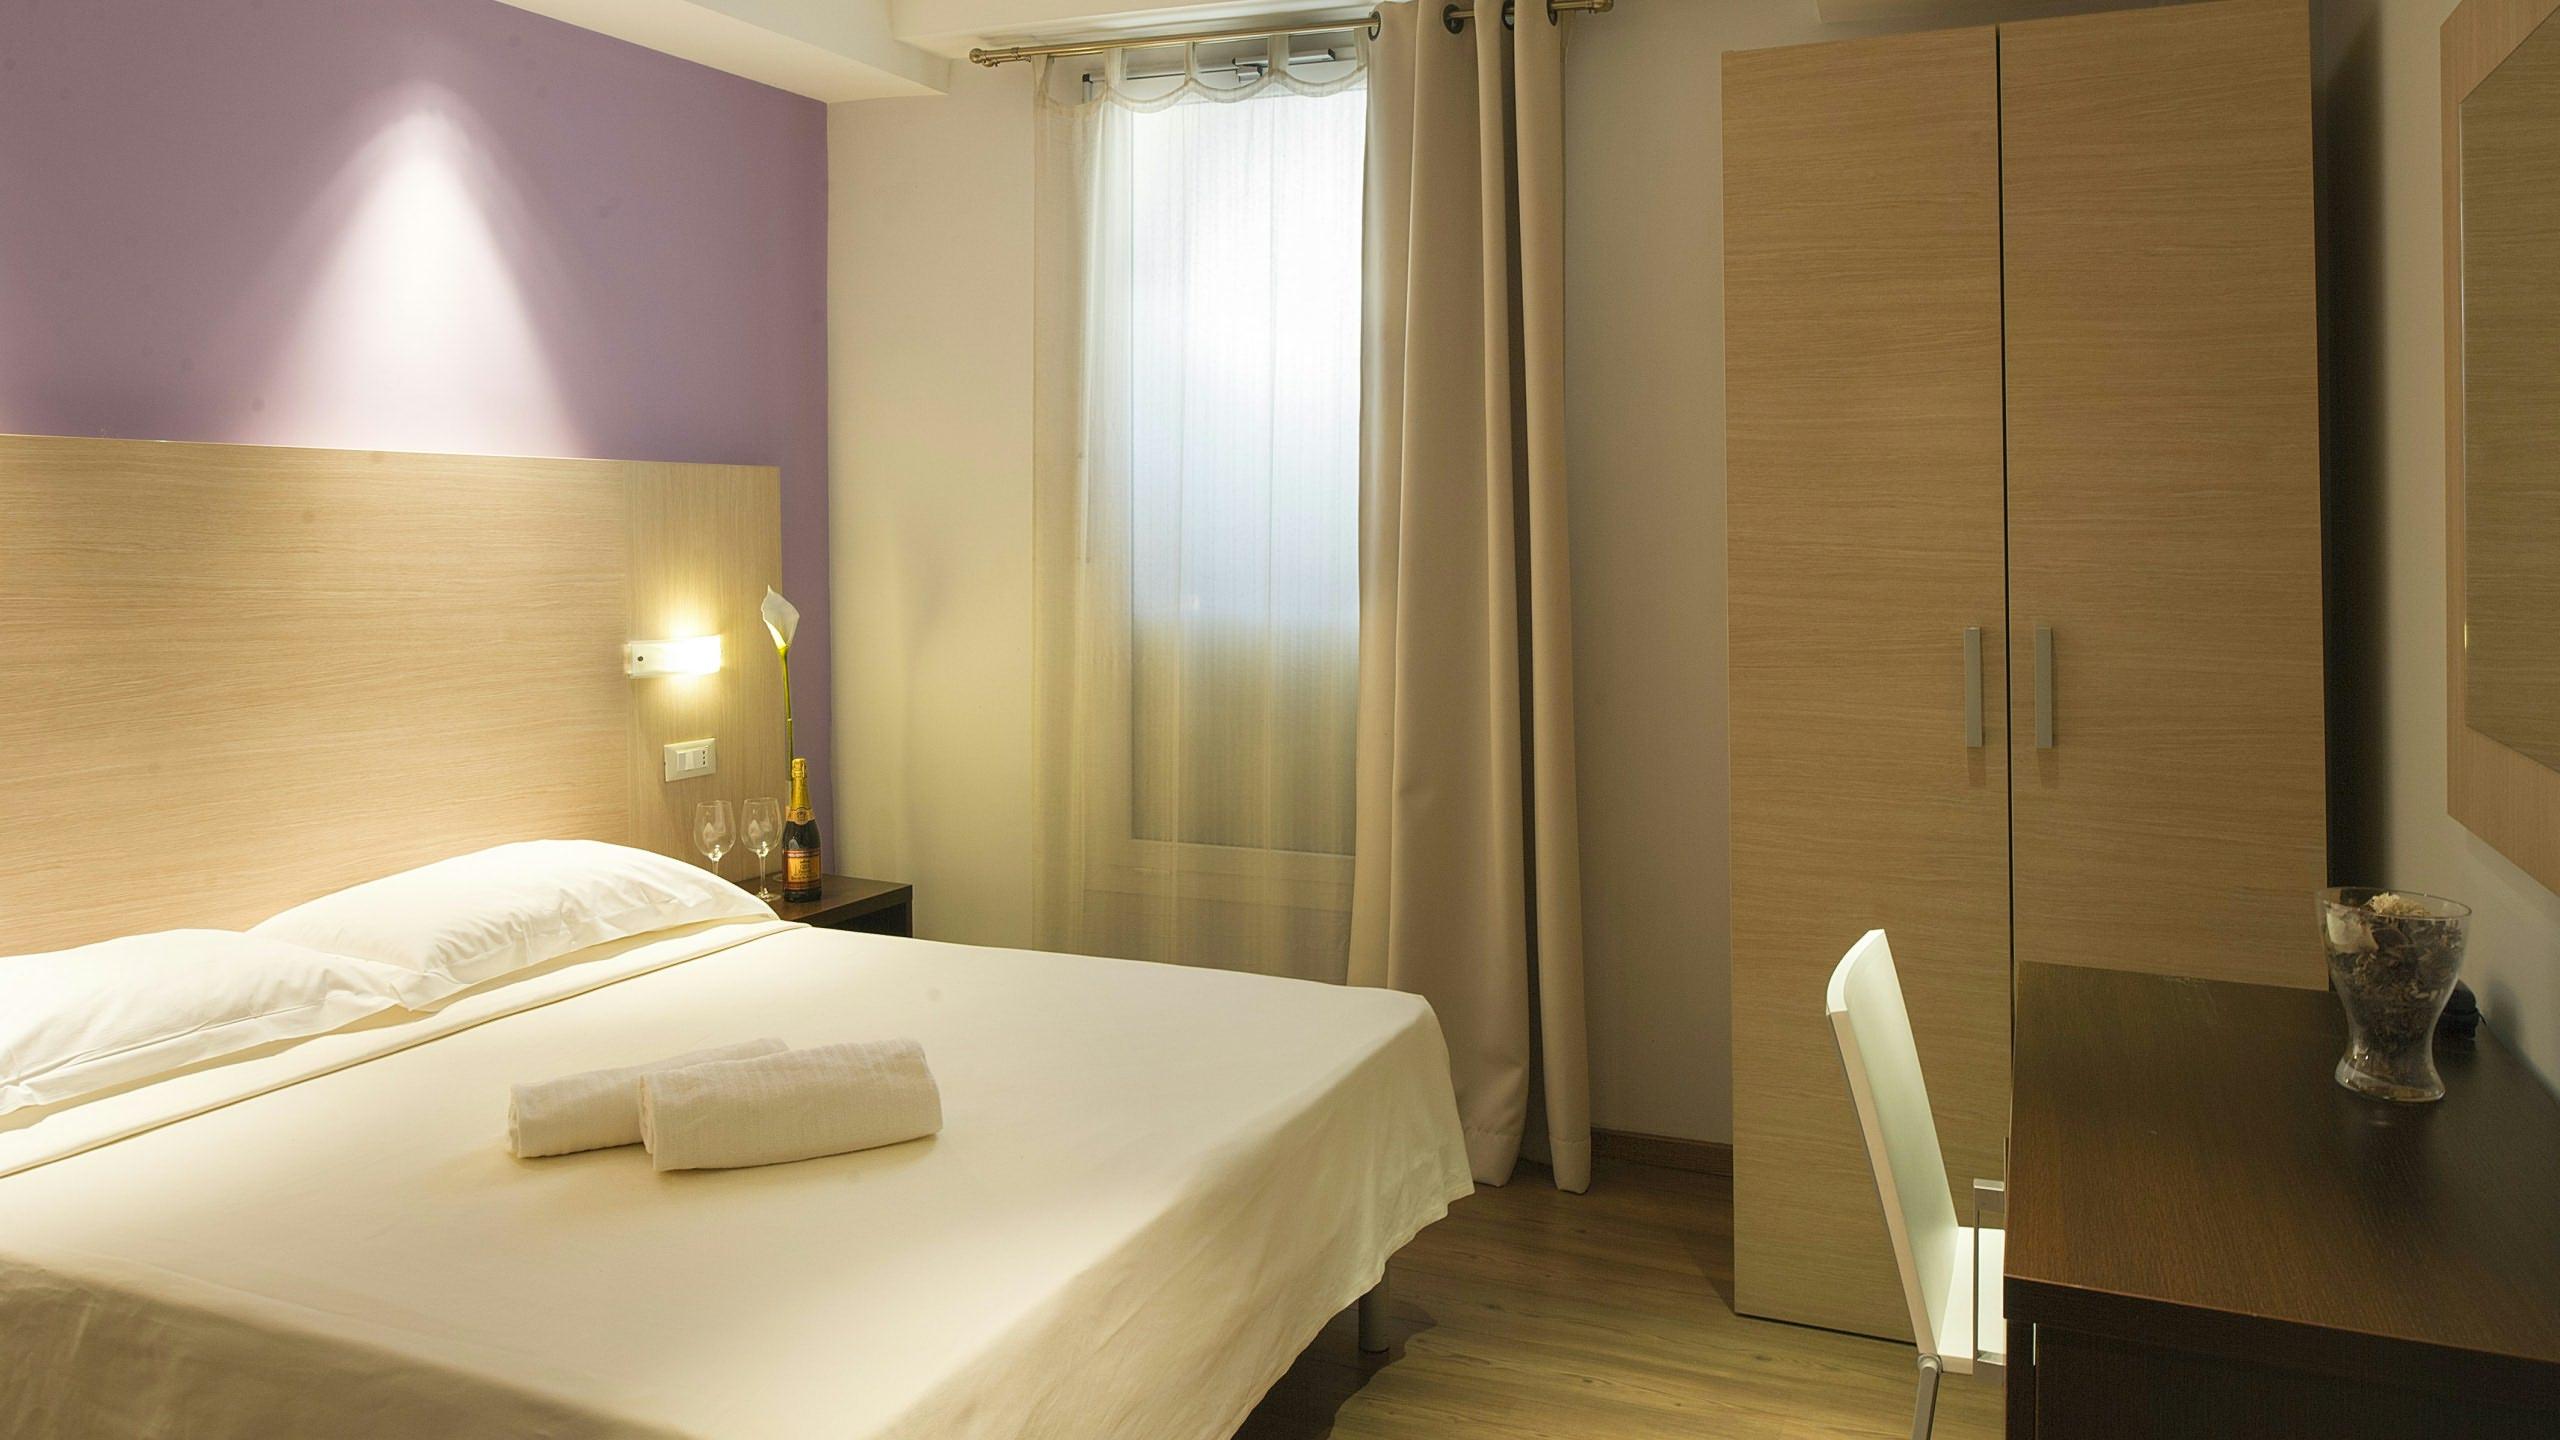 hotel-relais-san-pietro-roma-habitación-standard-01